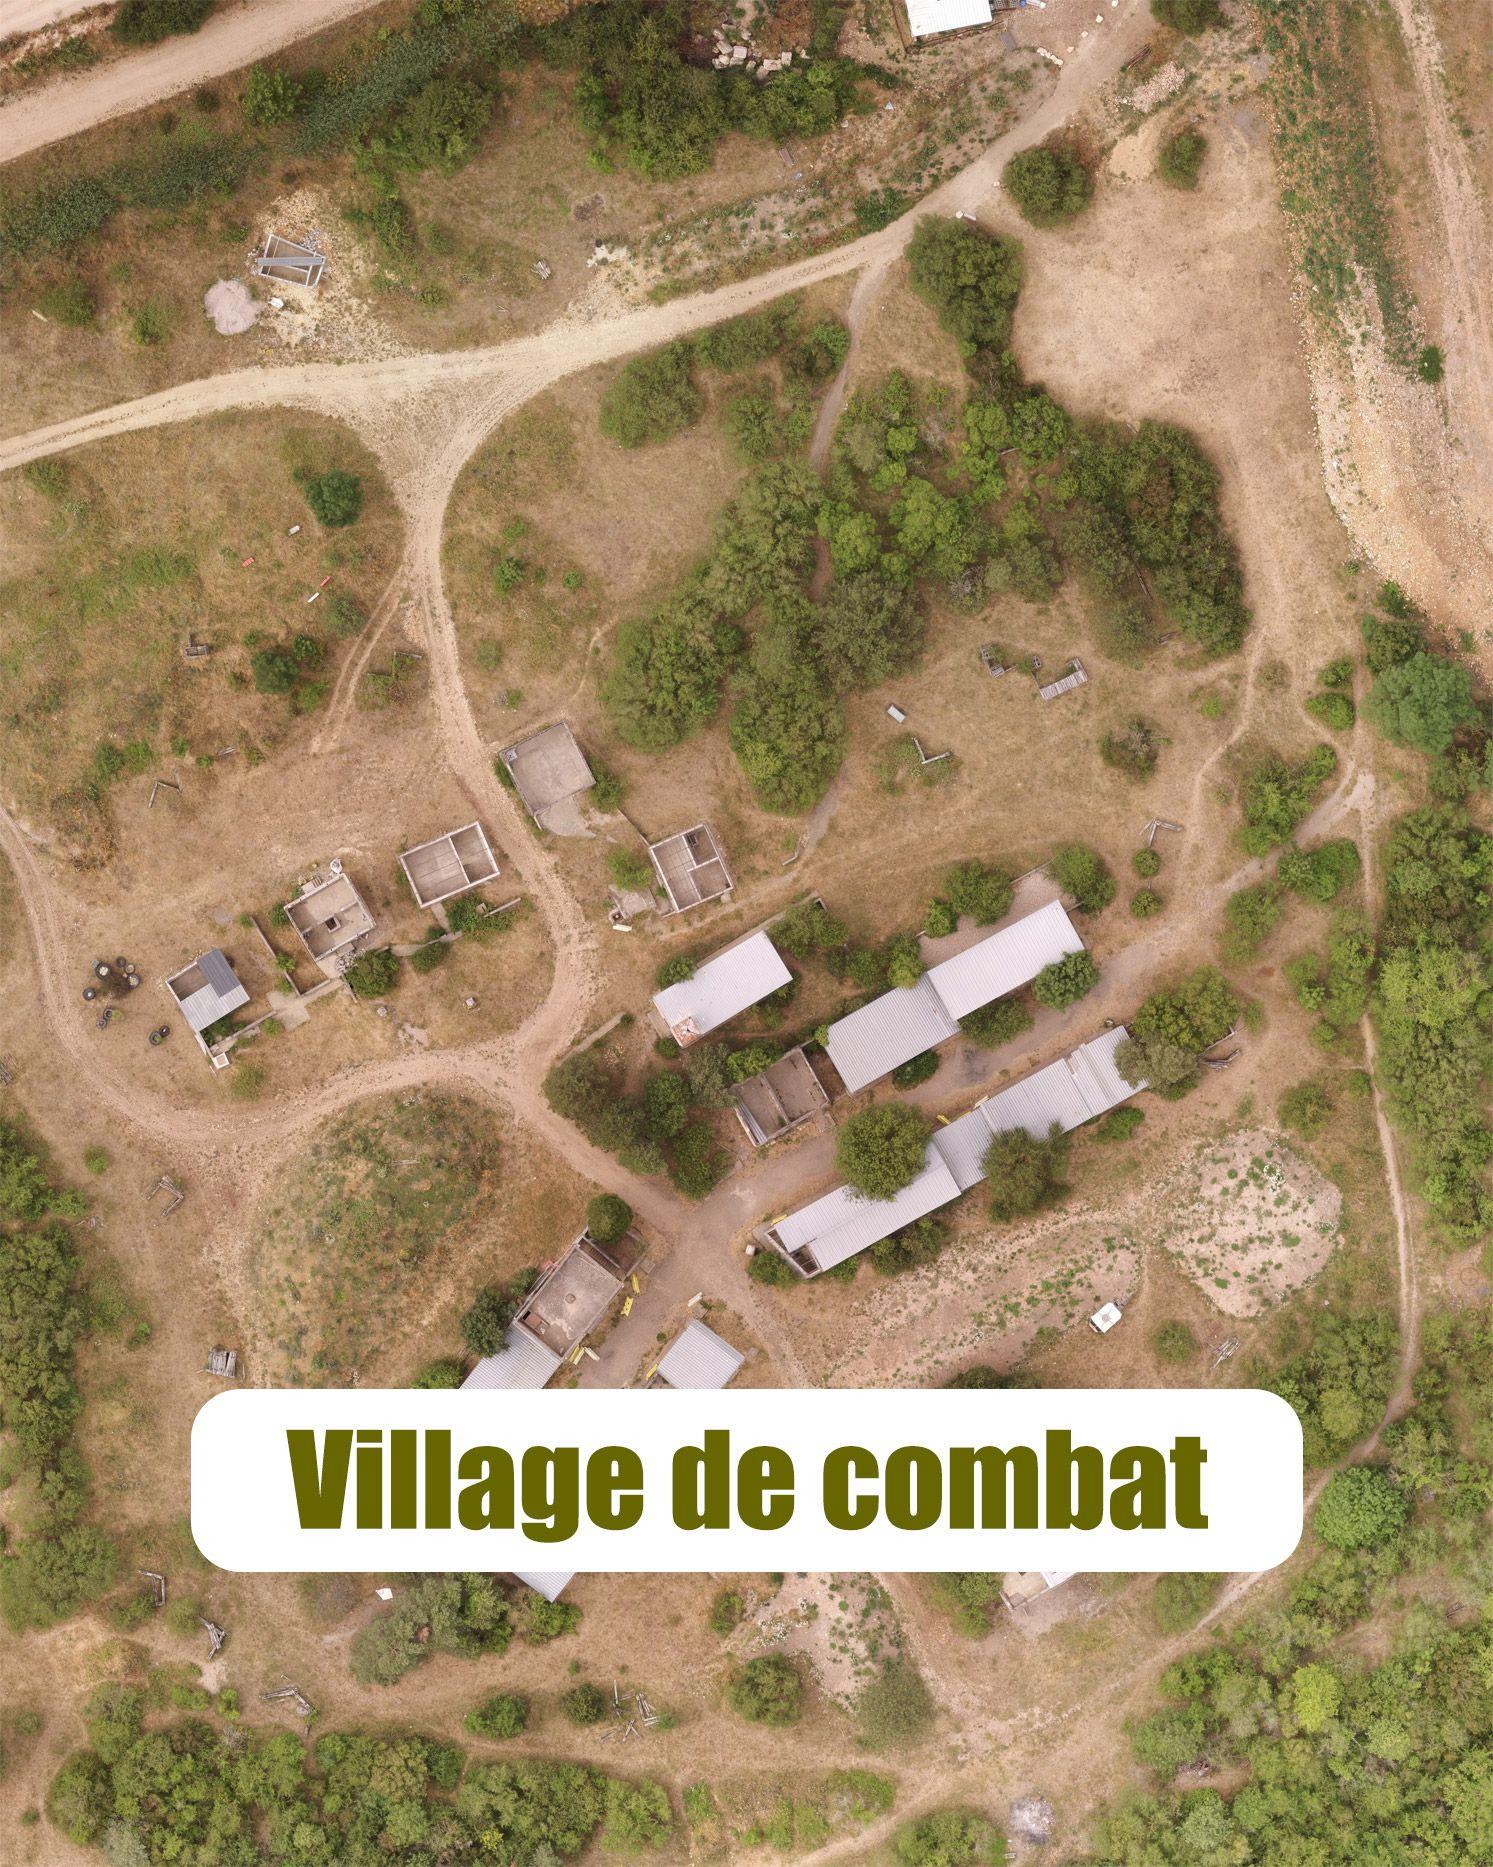 Village de combat